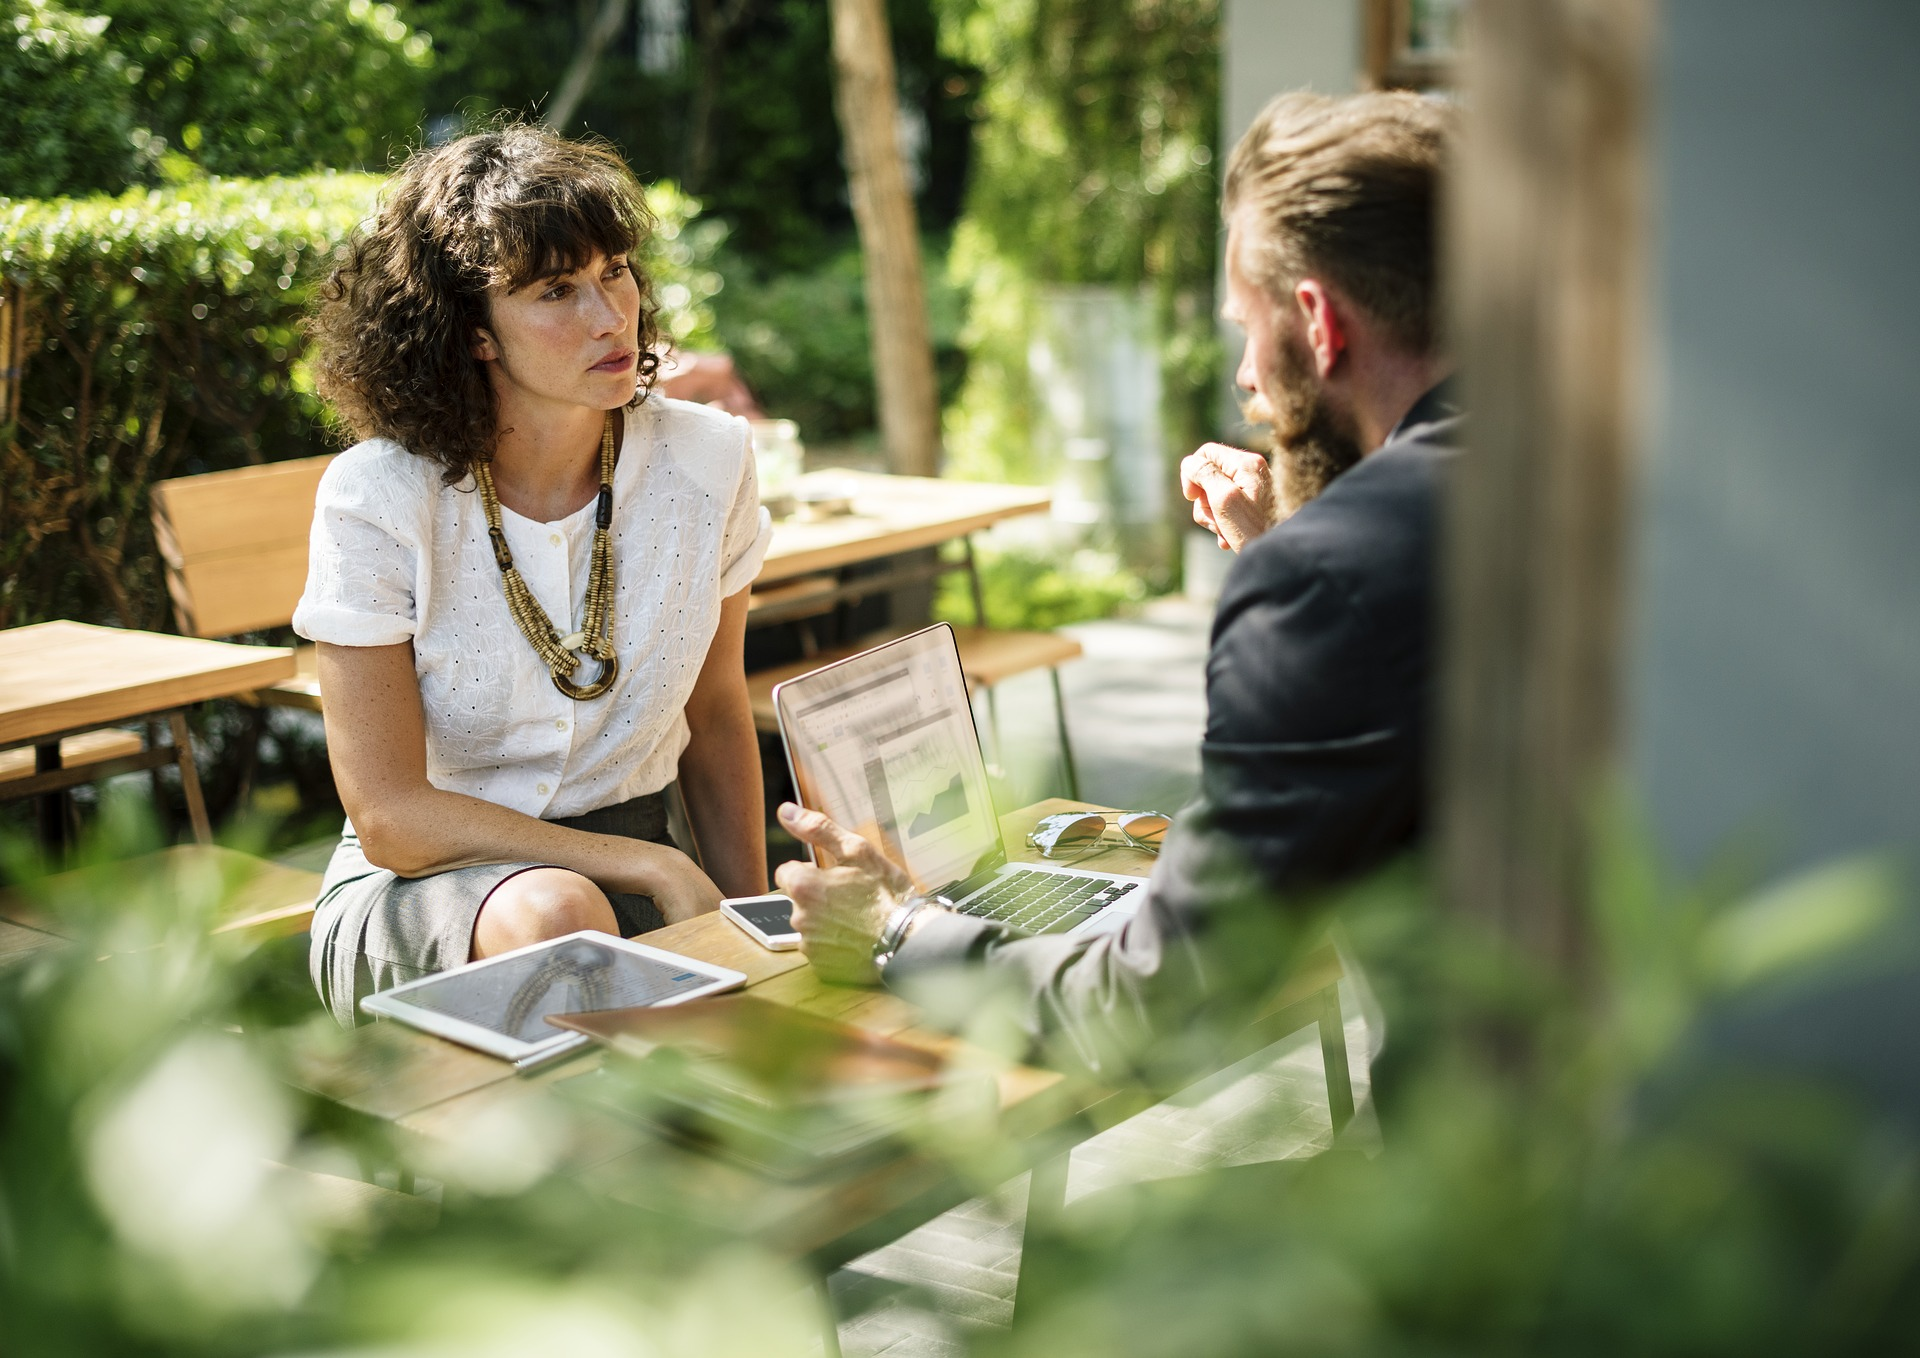 3 dicas práticas para se comunicar bem no ambiente de trabalho